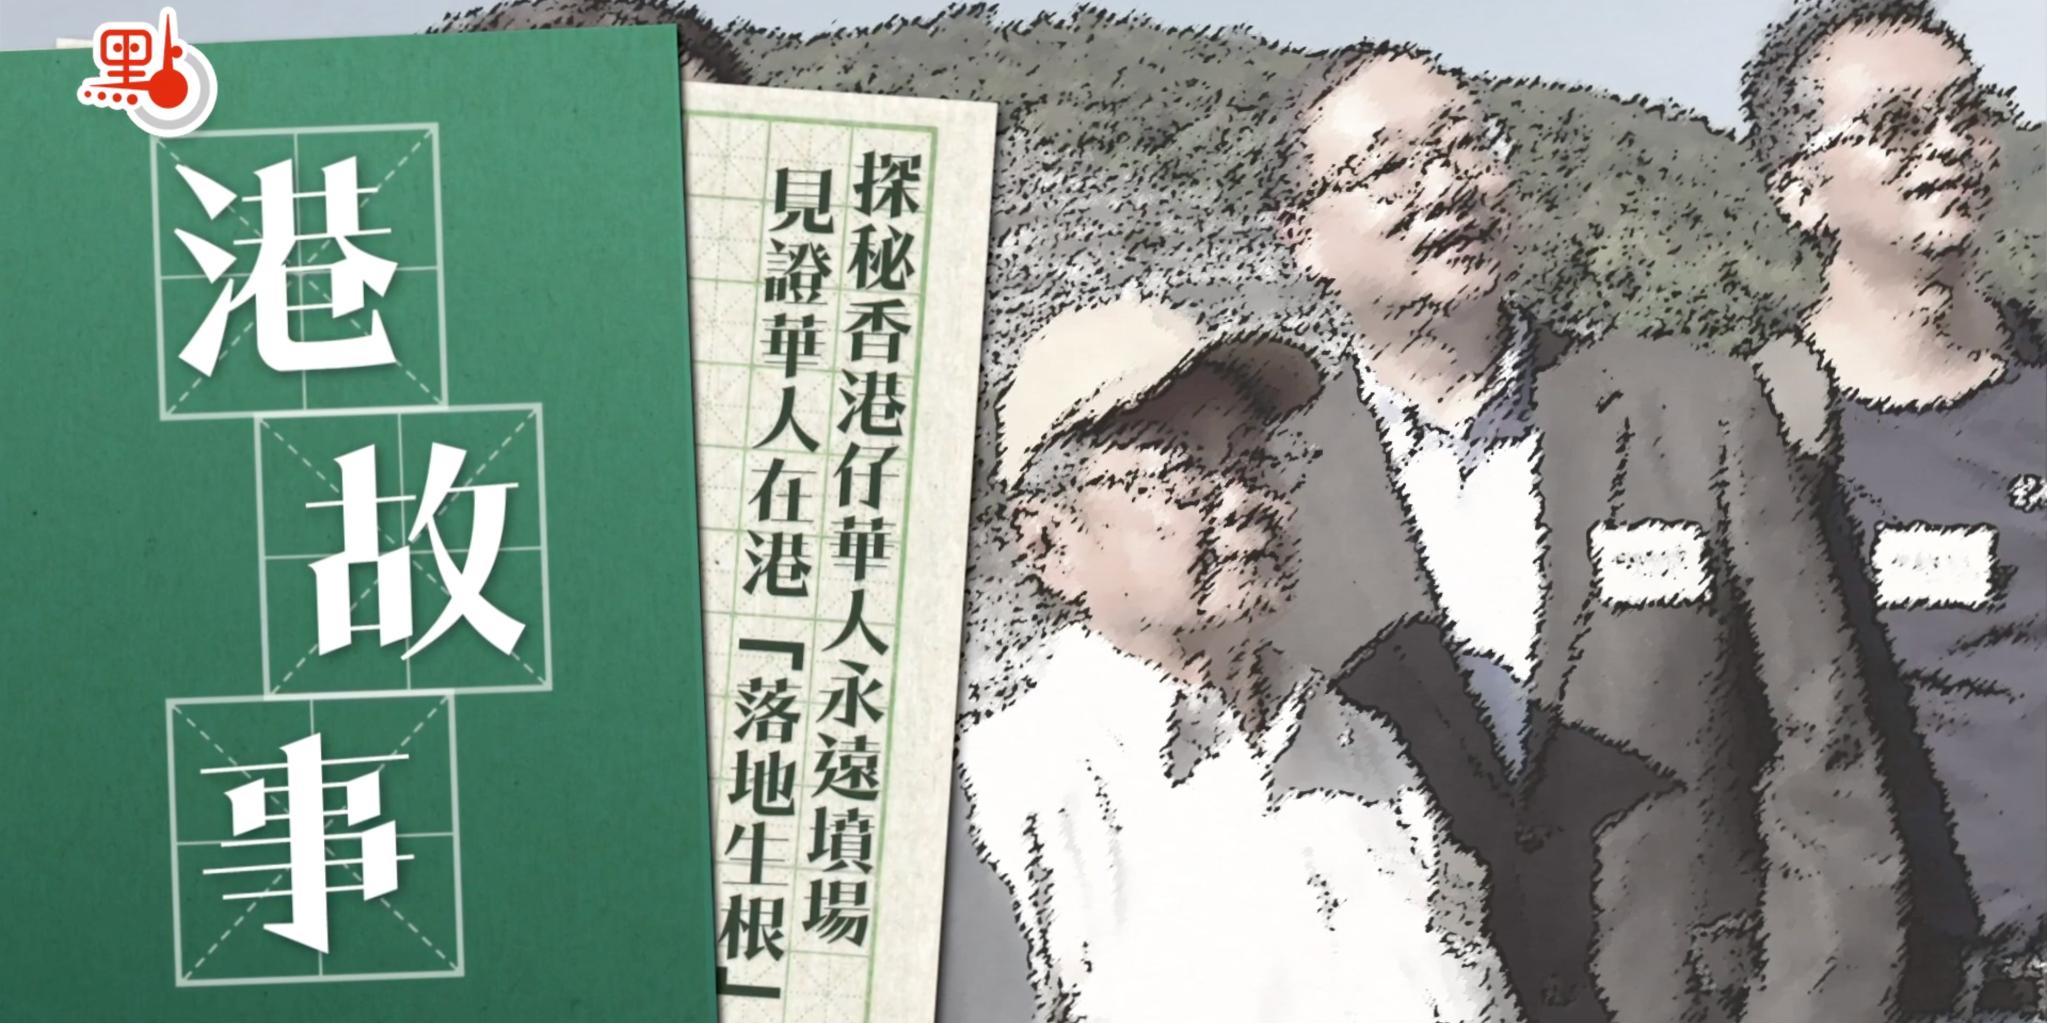 港故事|探秘香港仔華人永遠墳場 見證華人在港「落地生根」